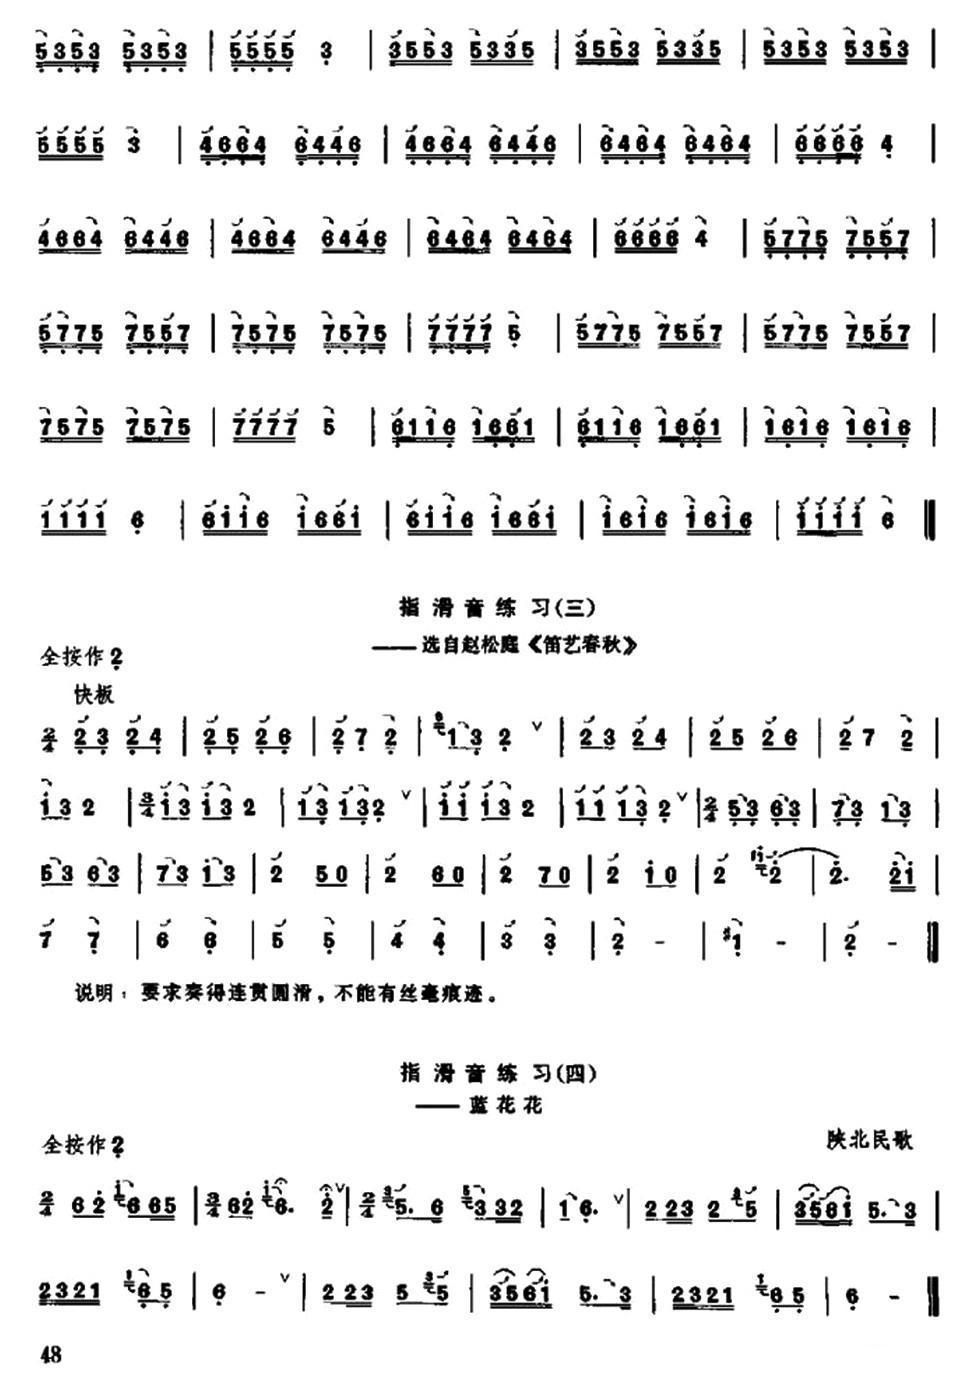 下载:笛子滑音练习笛子(箫)曲谱(图2)-笛子滑音练习